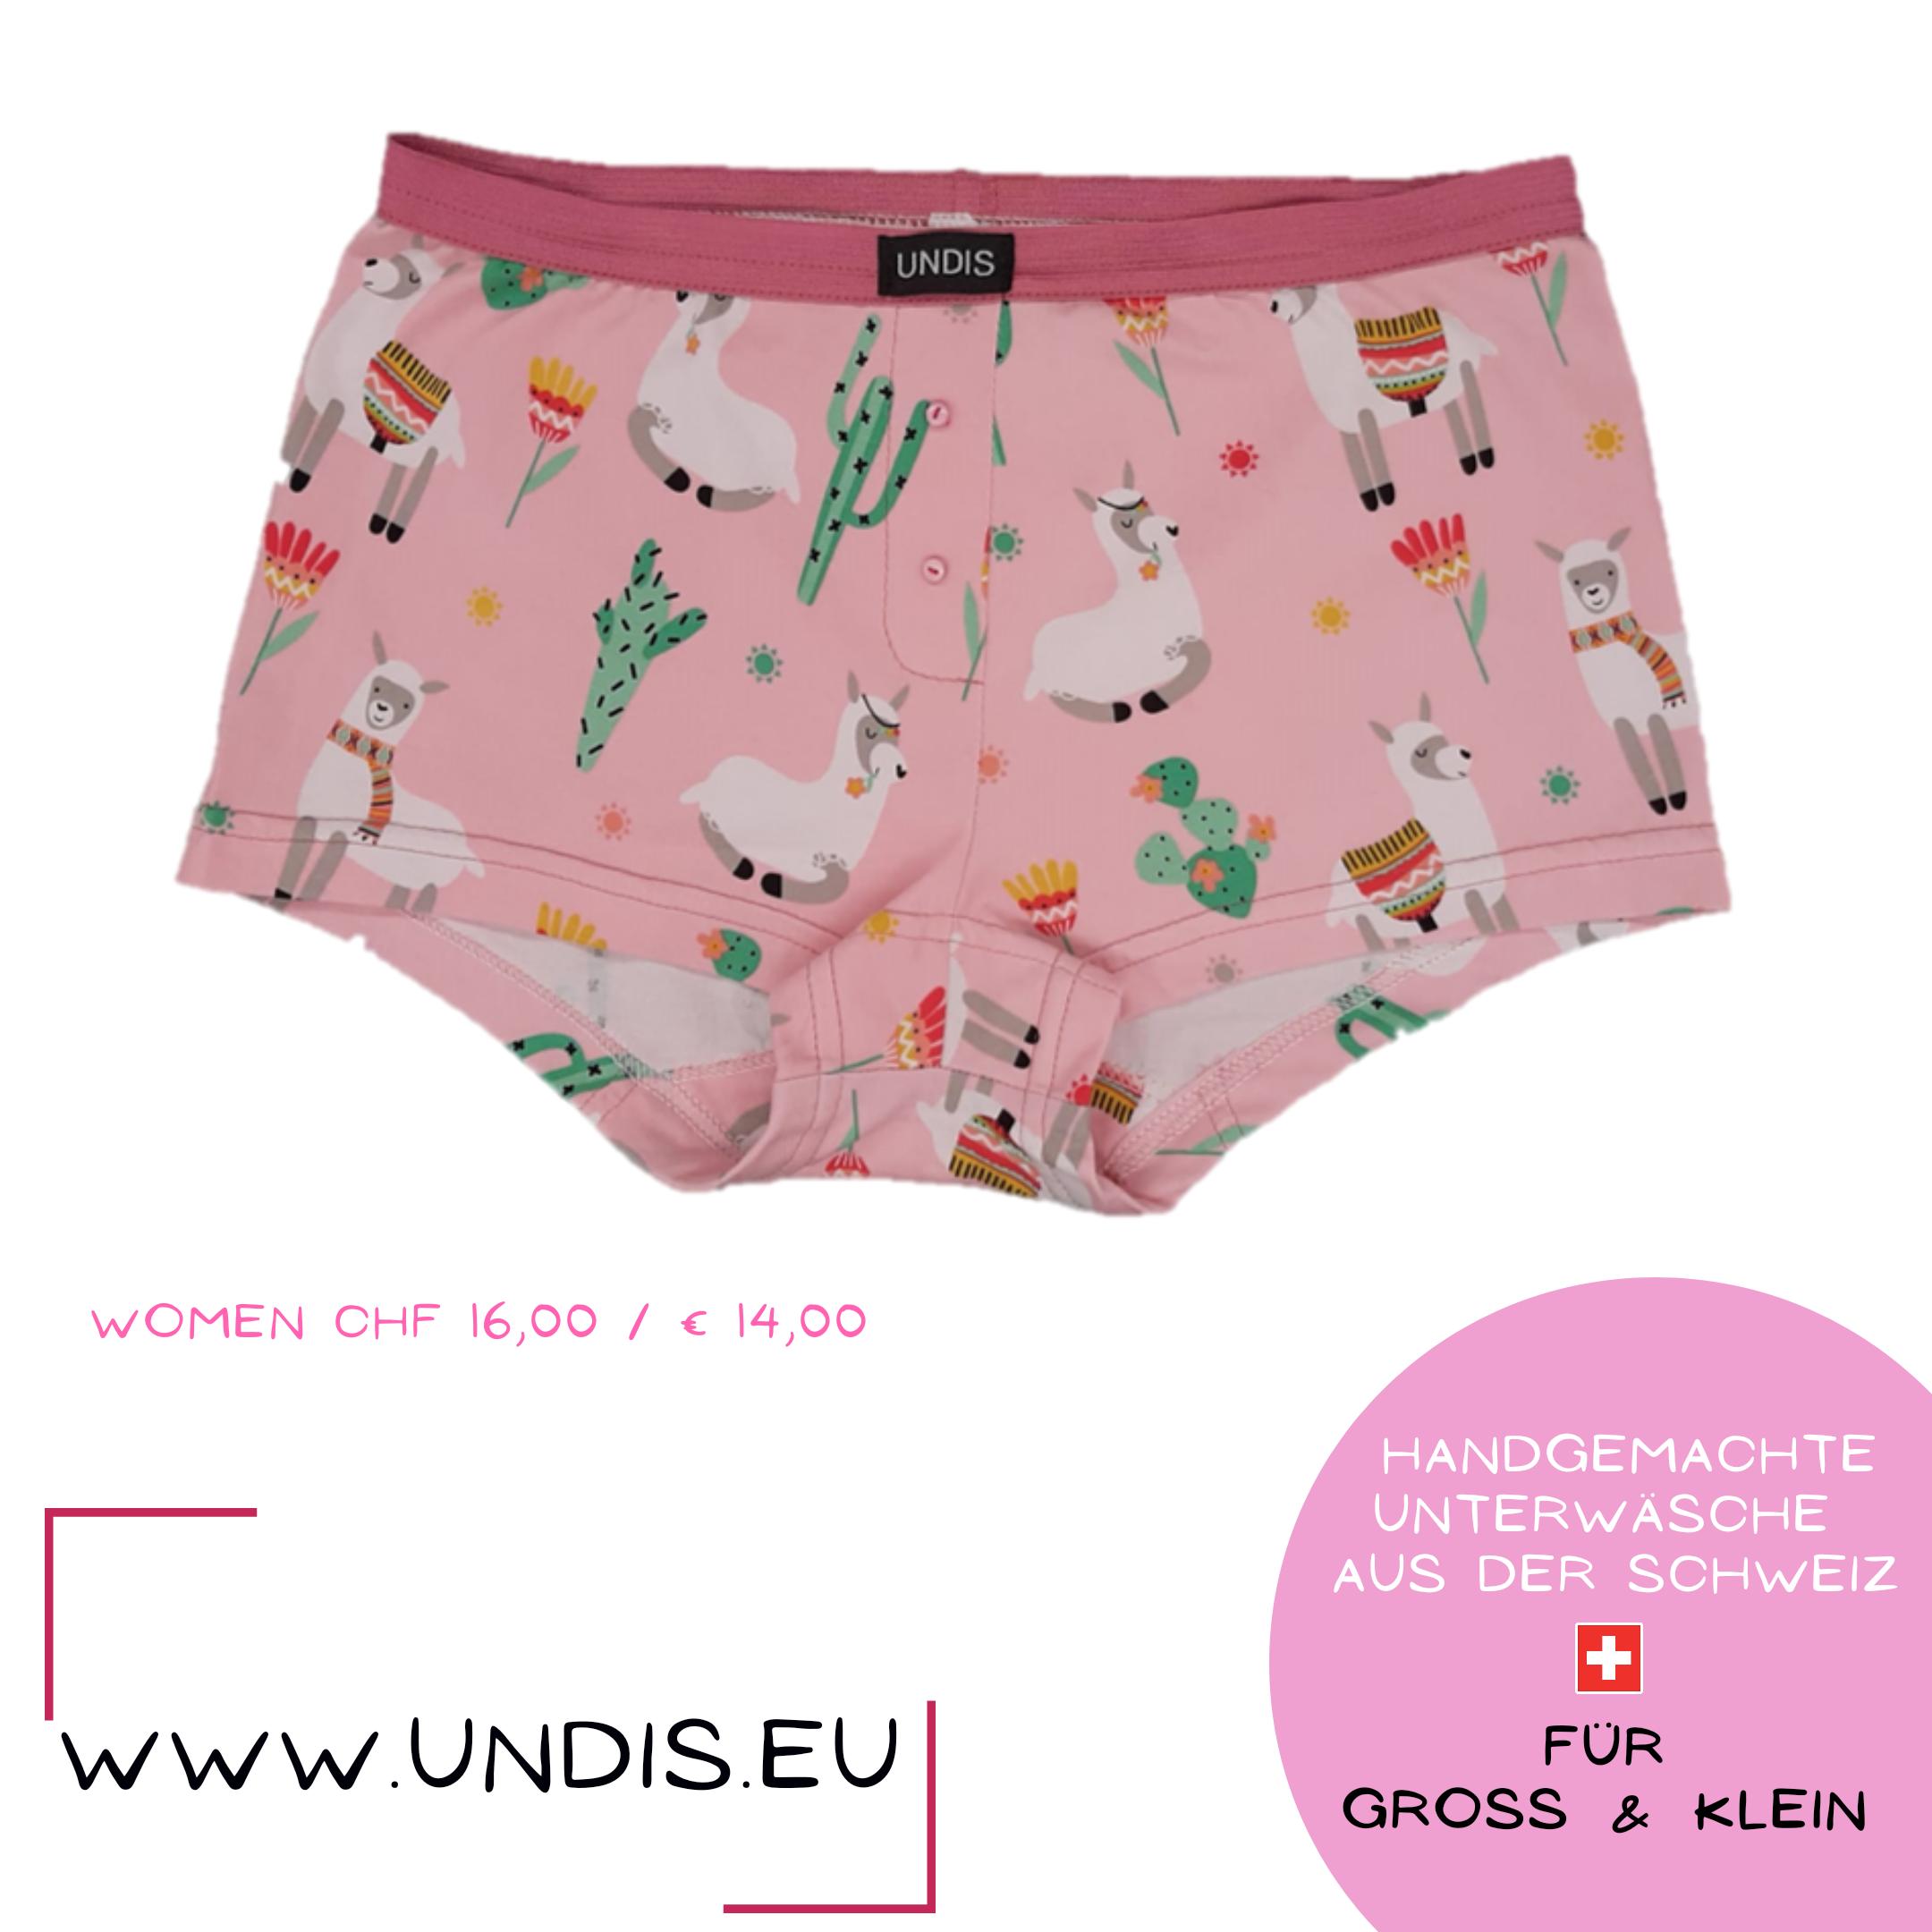 UNDIS - www.undis.eu Lustige Unterwäsche im Partnerlook